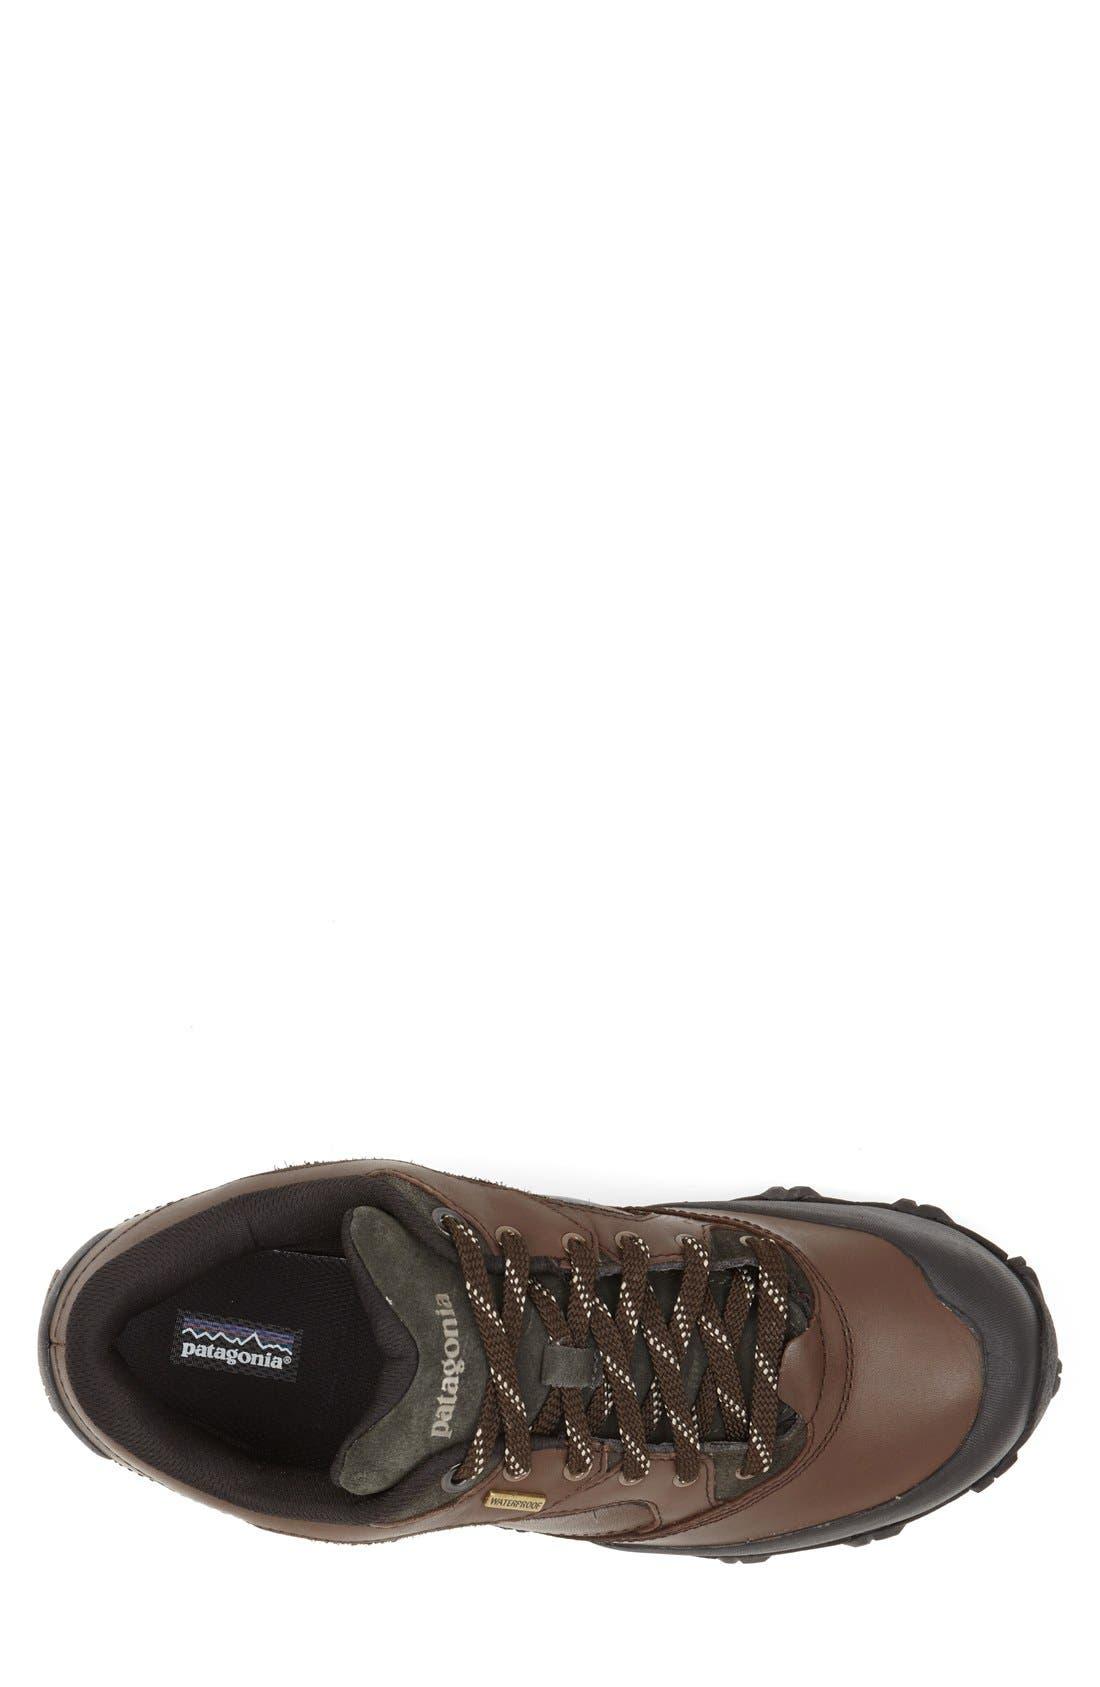 Alternate Image 3  - Patagonia 'Drifter 2.0' Waterproof Hiking Shoe (Men)